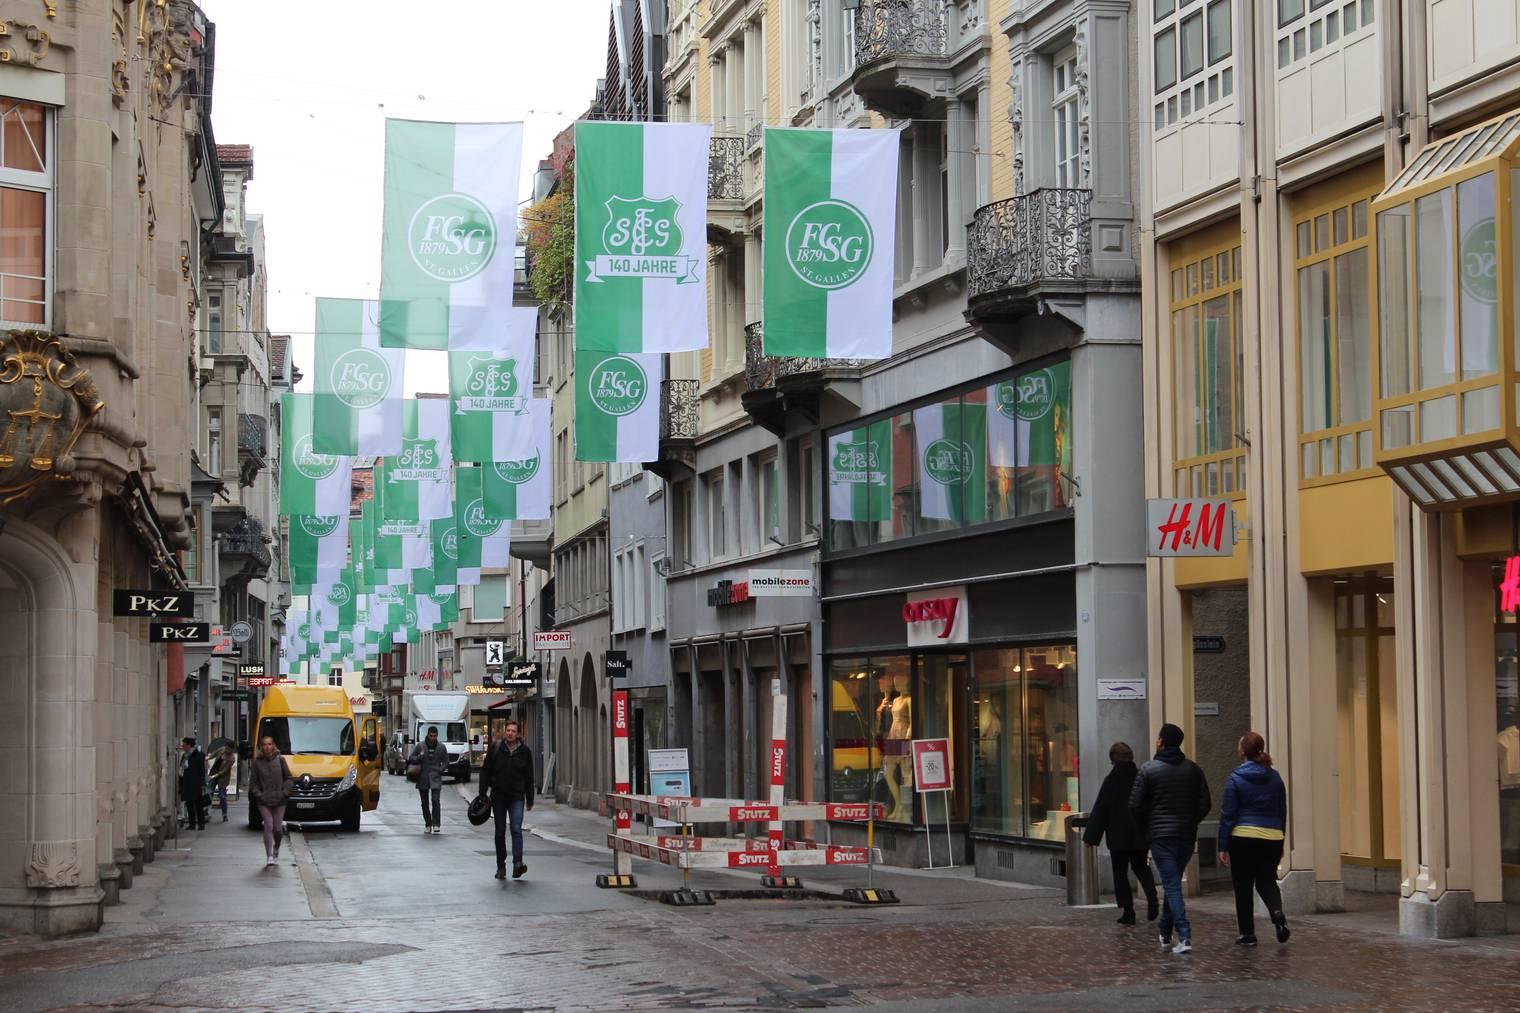 Zum Jubiläum: In der Multergasse wehen grün-weisse Fahnen. (Bild: FM1Today/Nina-Lou Frey)